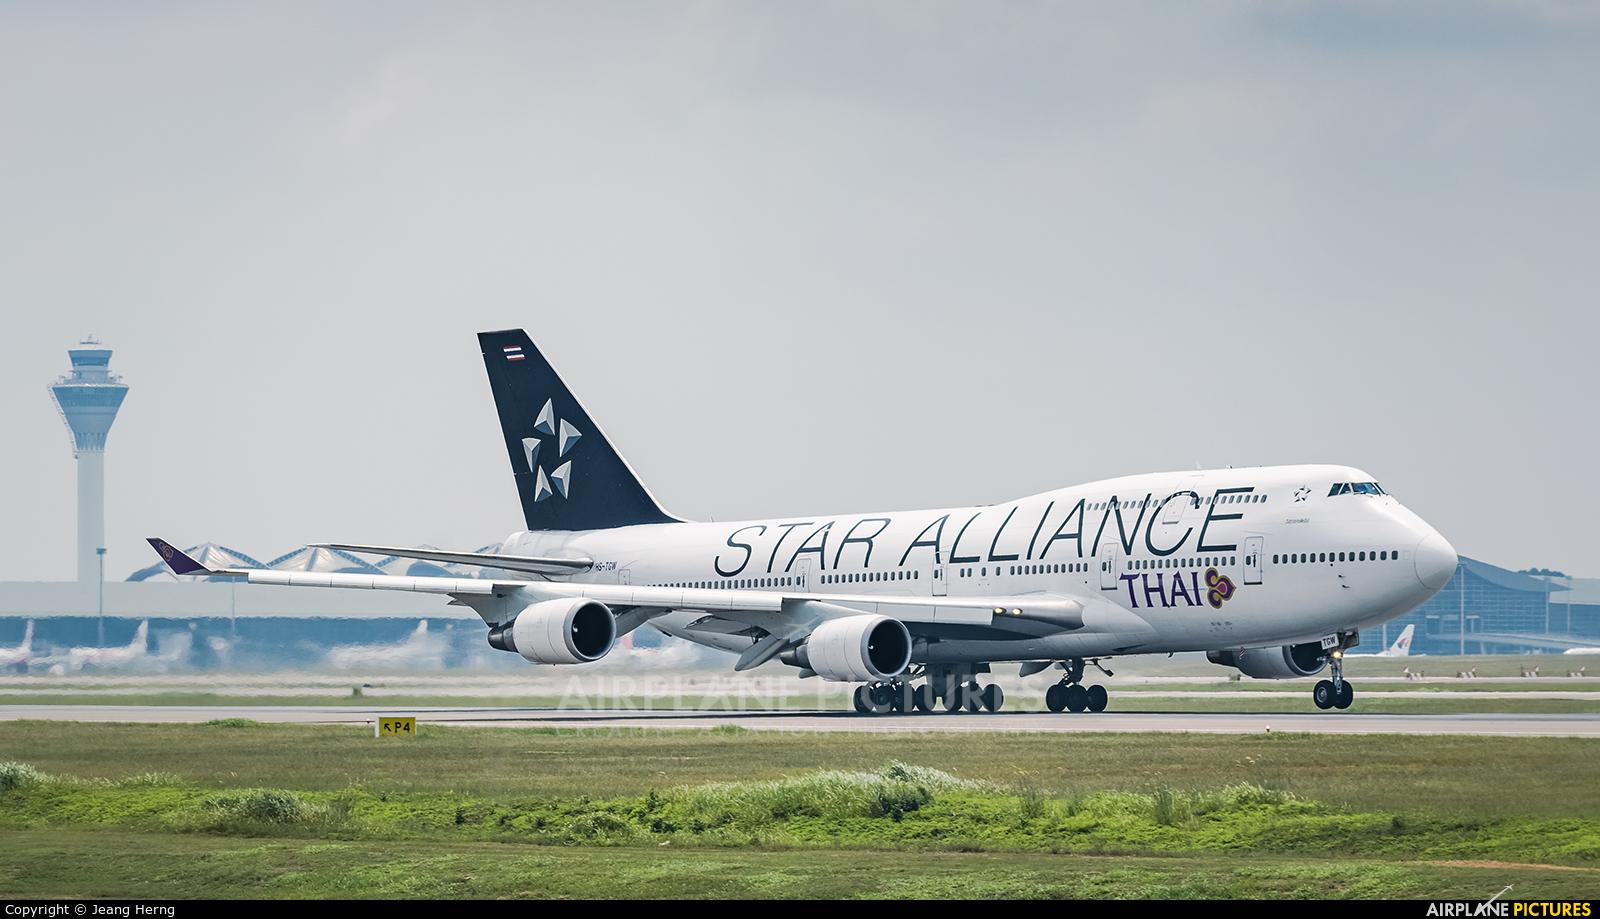 Thai Airways HS-TGW aircraft at Kuala Lumpur Intl